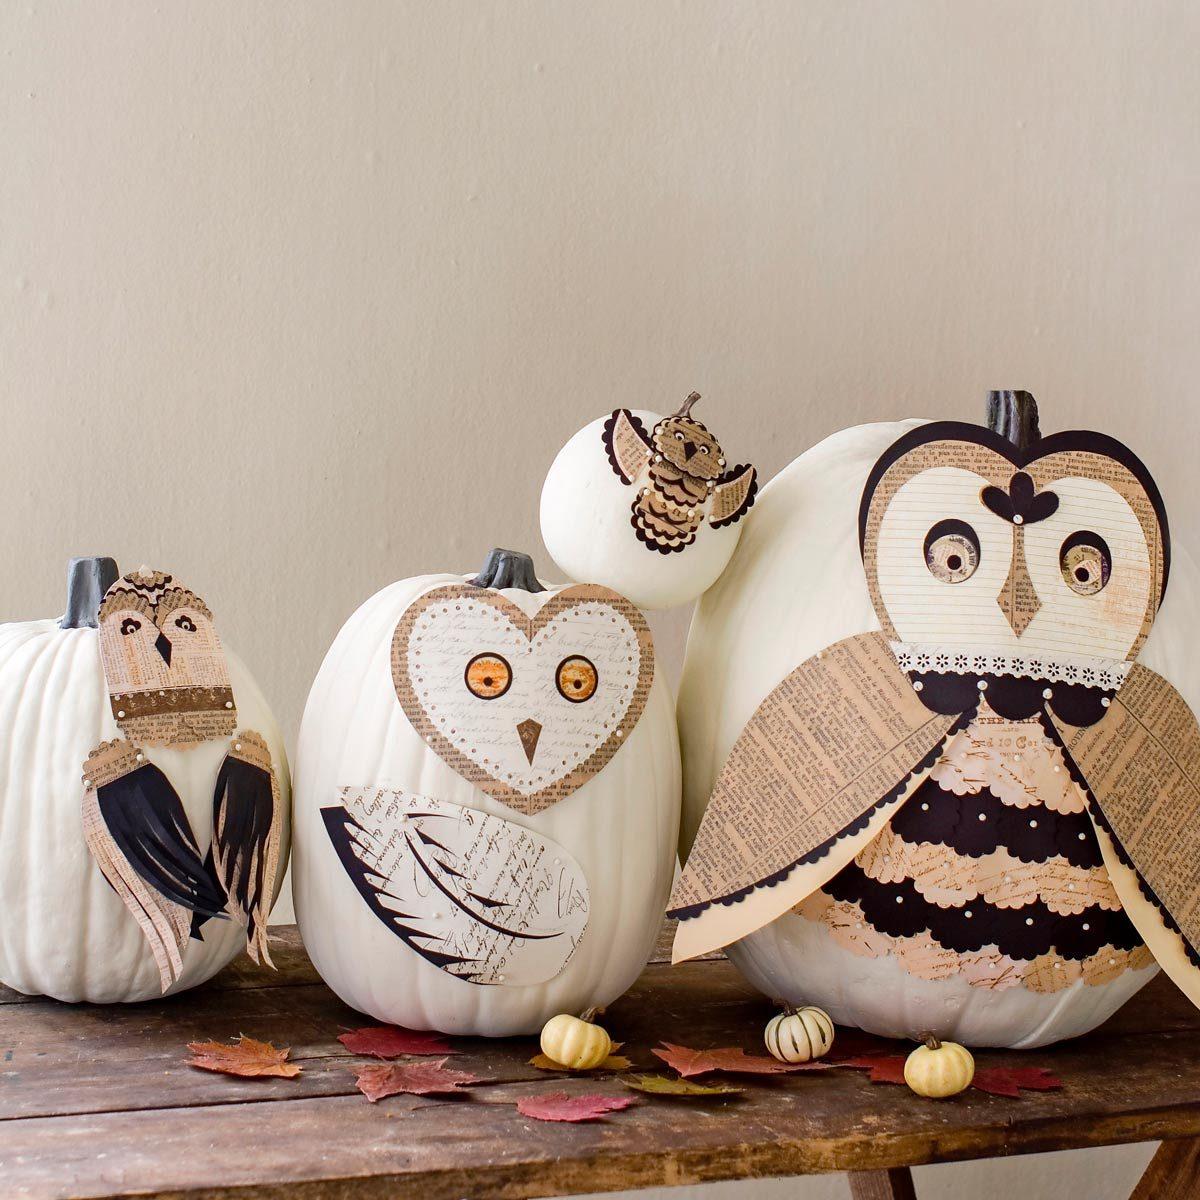 Creative Pumpkin Ideas: HOOT Halloween